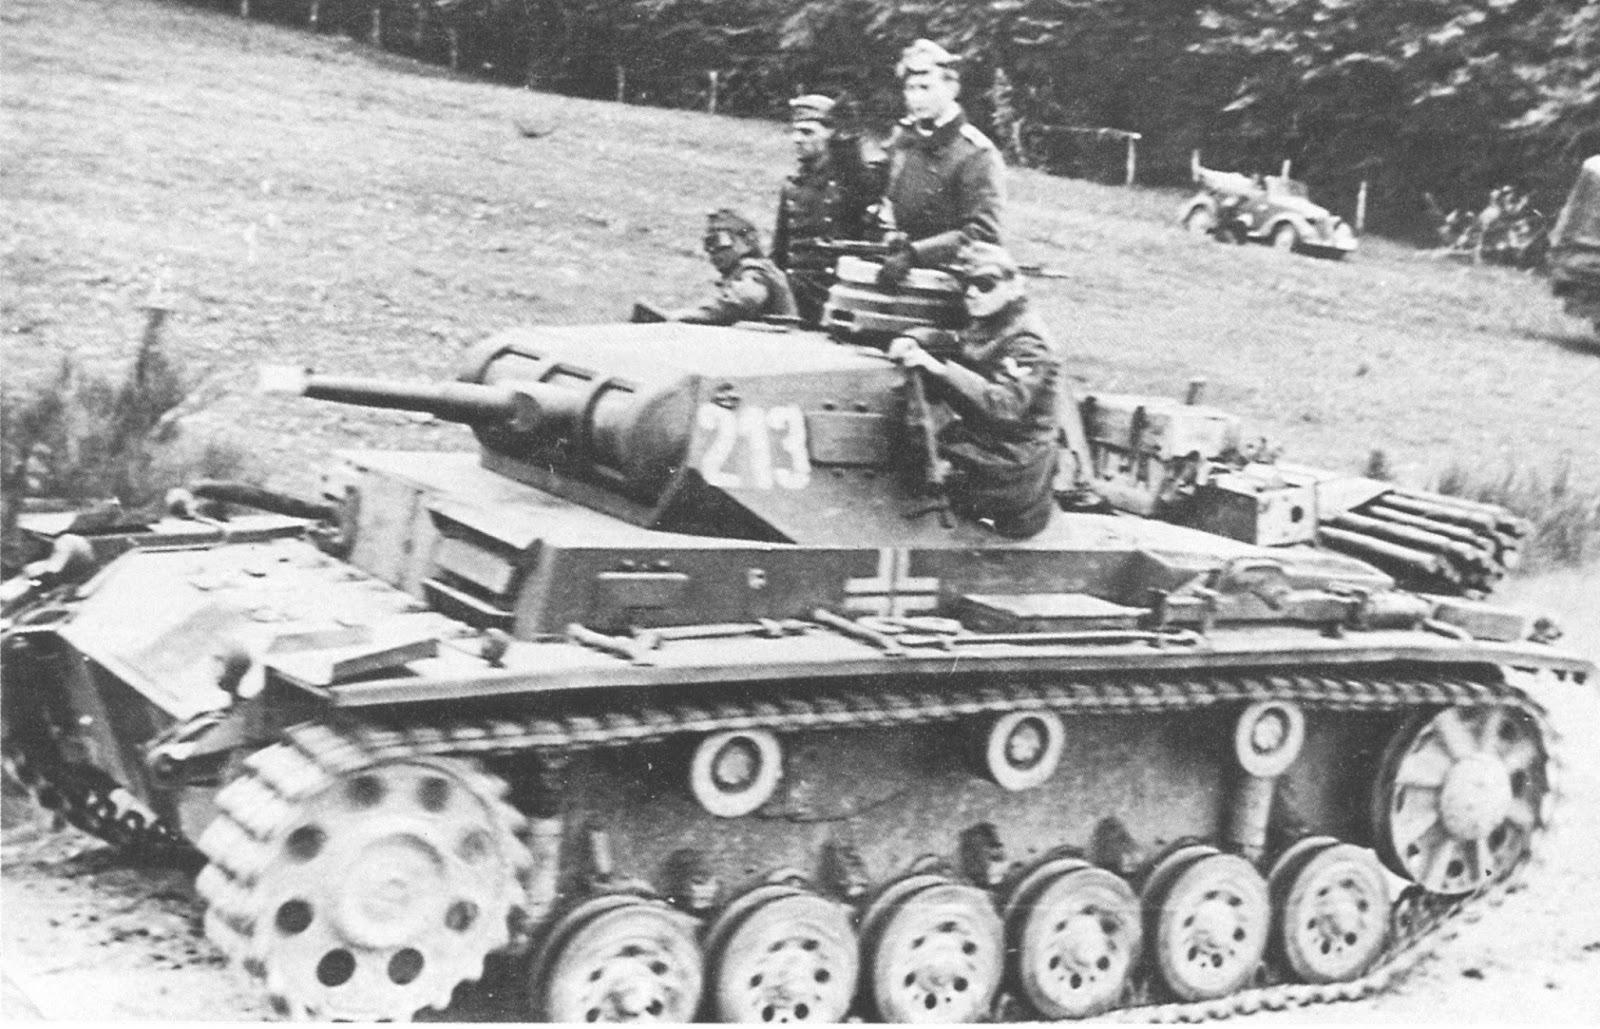 Panzerkampfwagen III Ausf. E & Ausf. F - Questions, Information ...